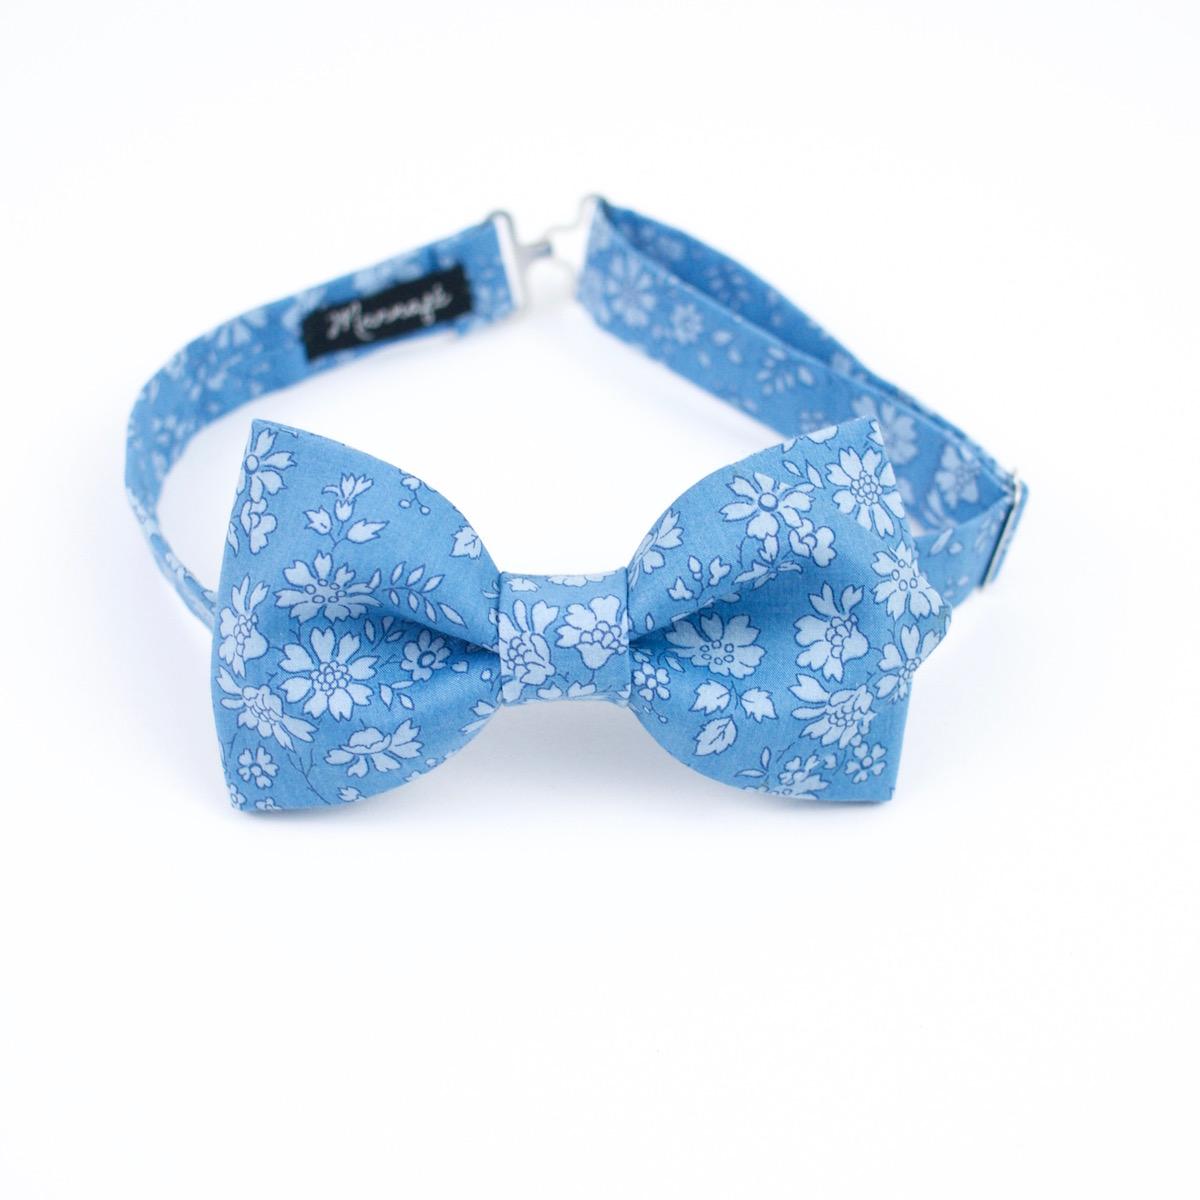 Noeud papillon Liberty Capel blue